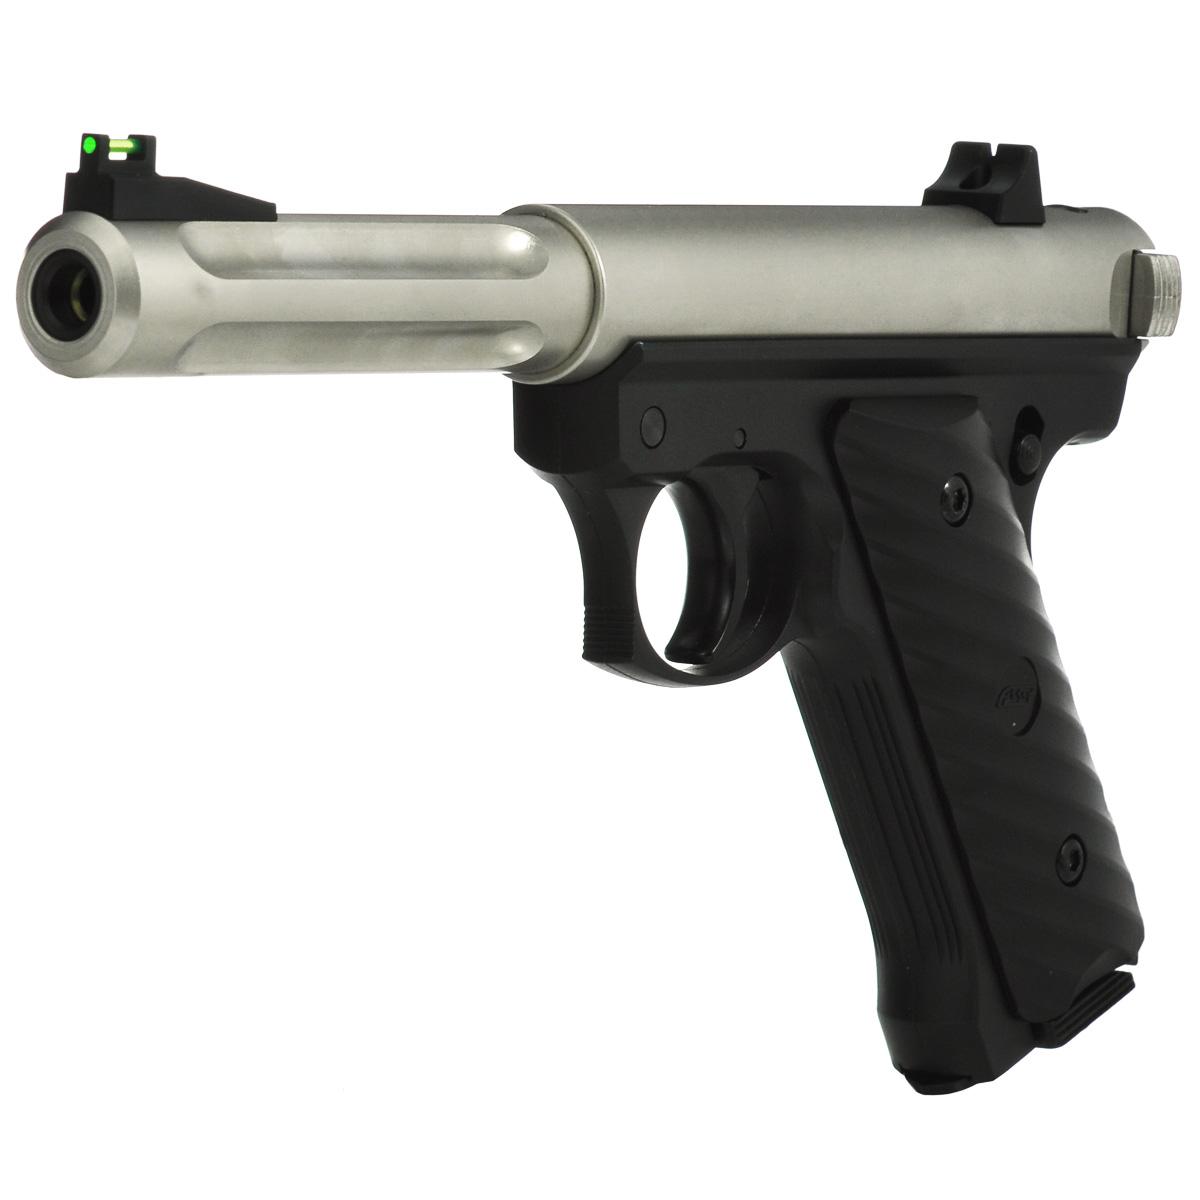 """ASG Пистолет страйкбольный ASG """"Mk II CO2 NBB"""", цвет: черный, серебристый, калибр 6 мм"""